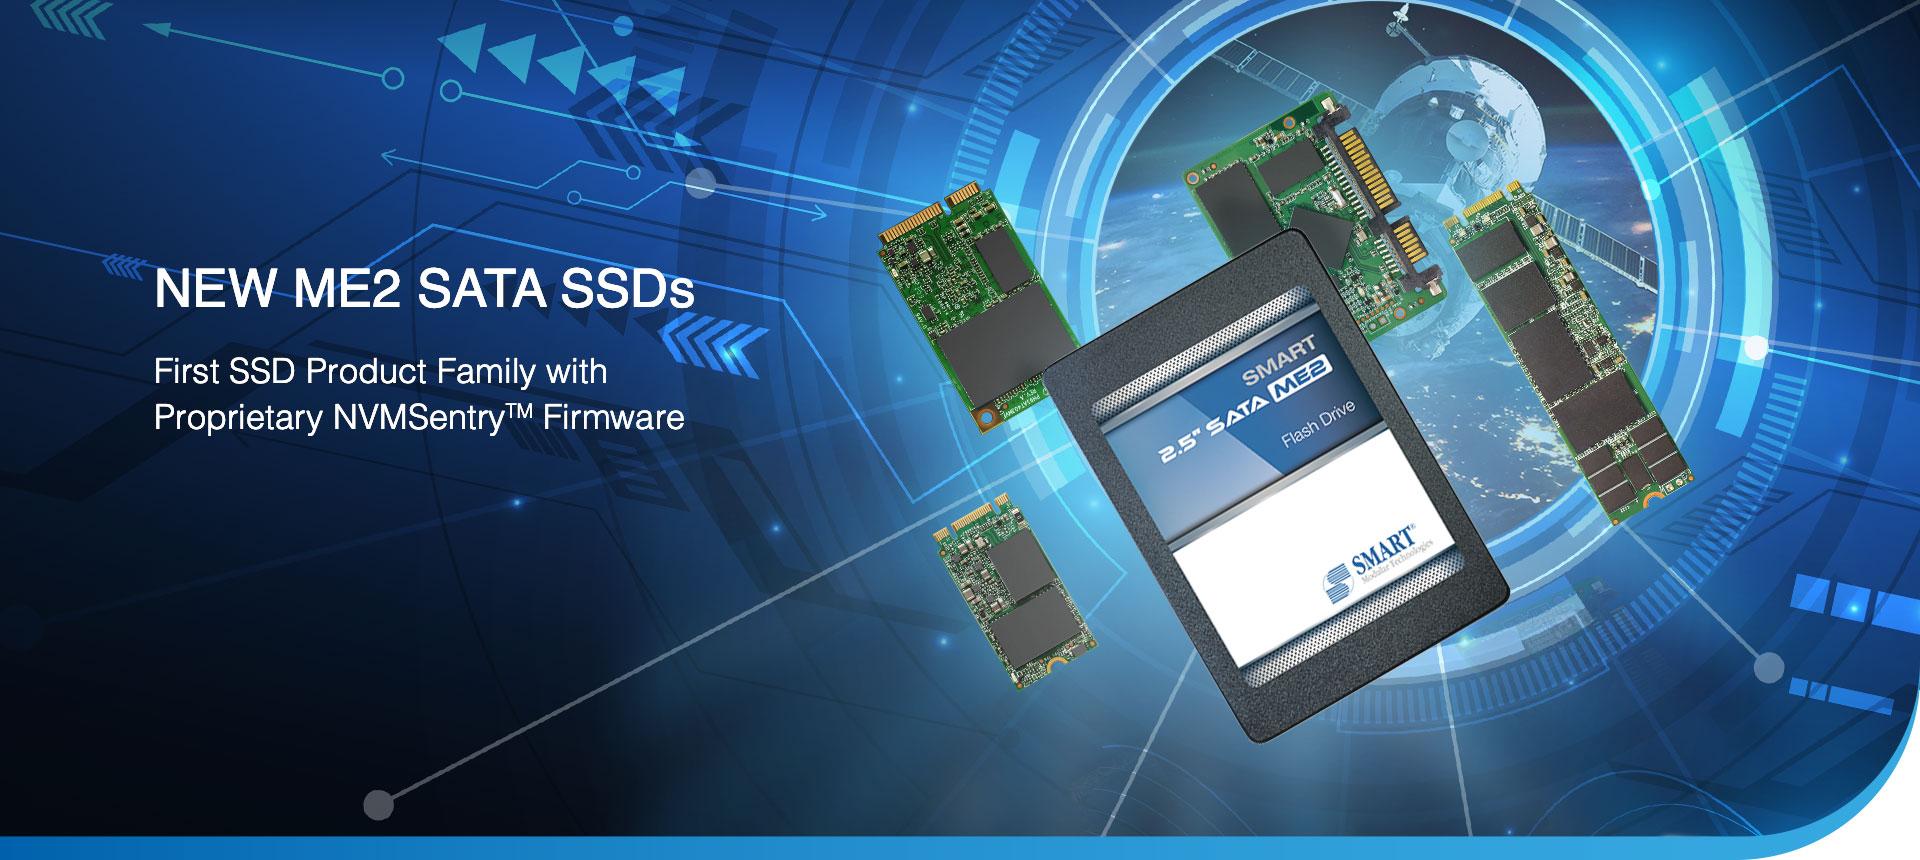 ME2 SATA SSD